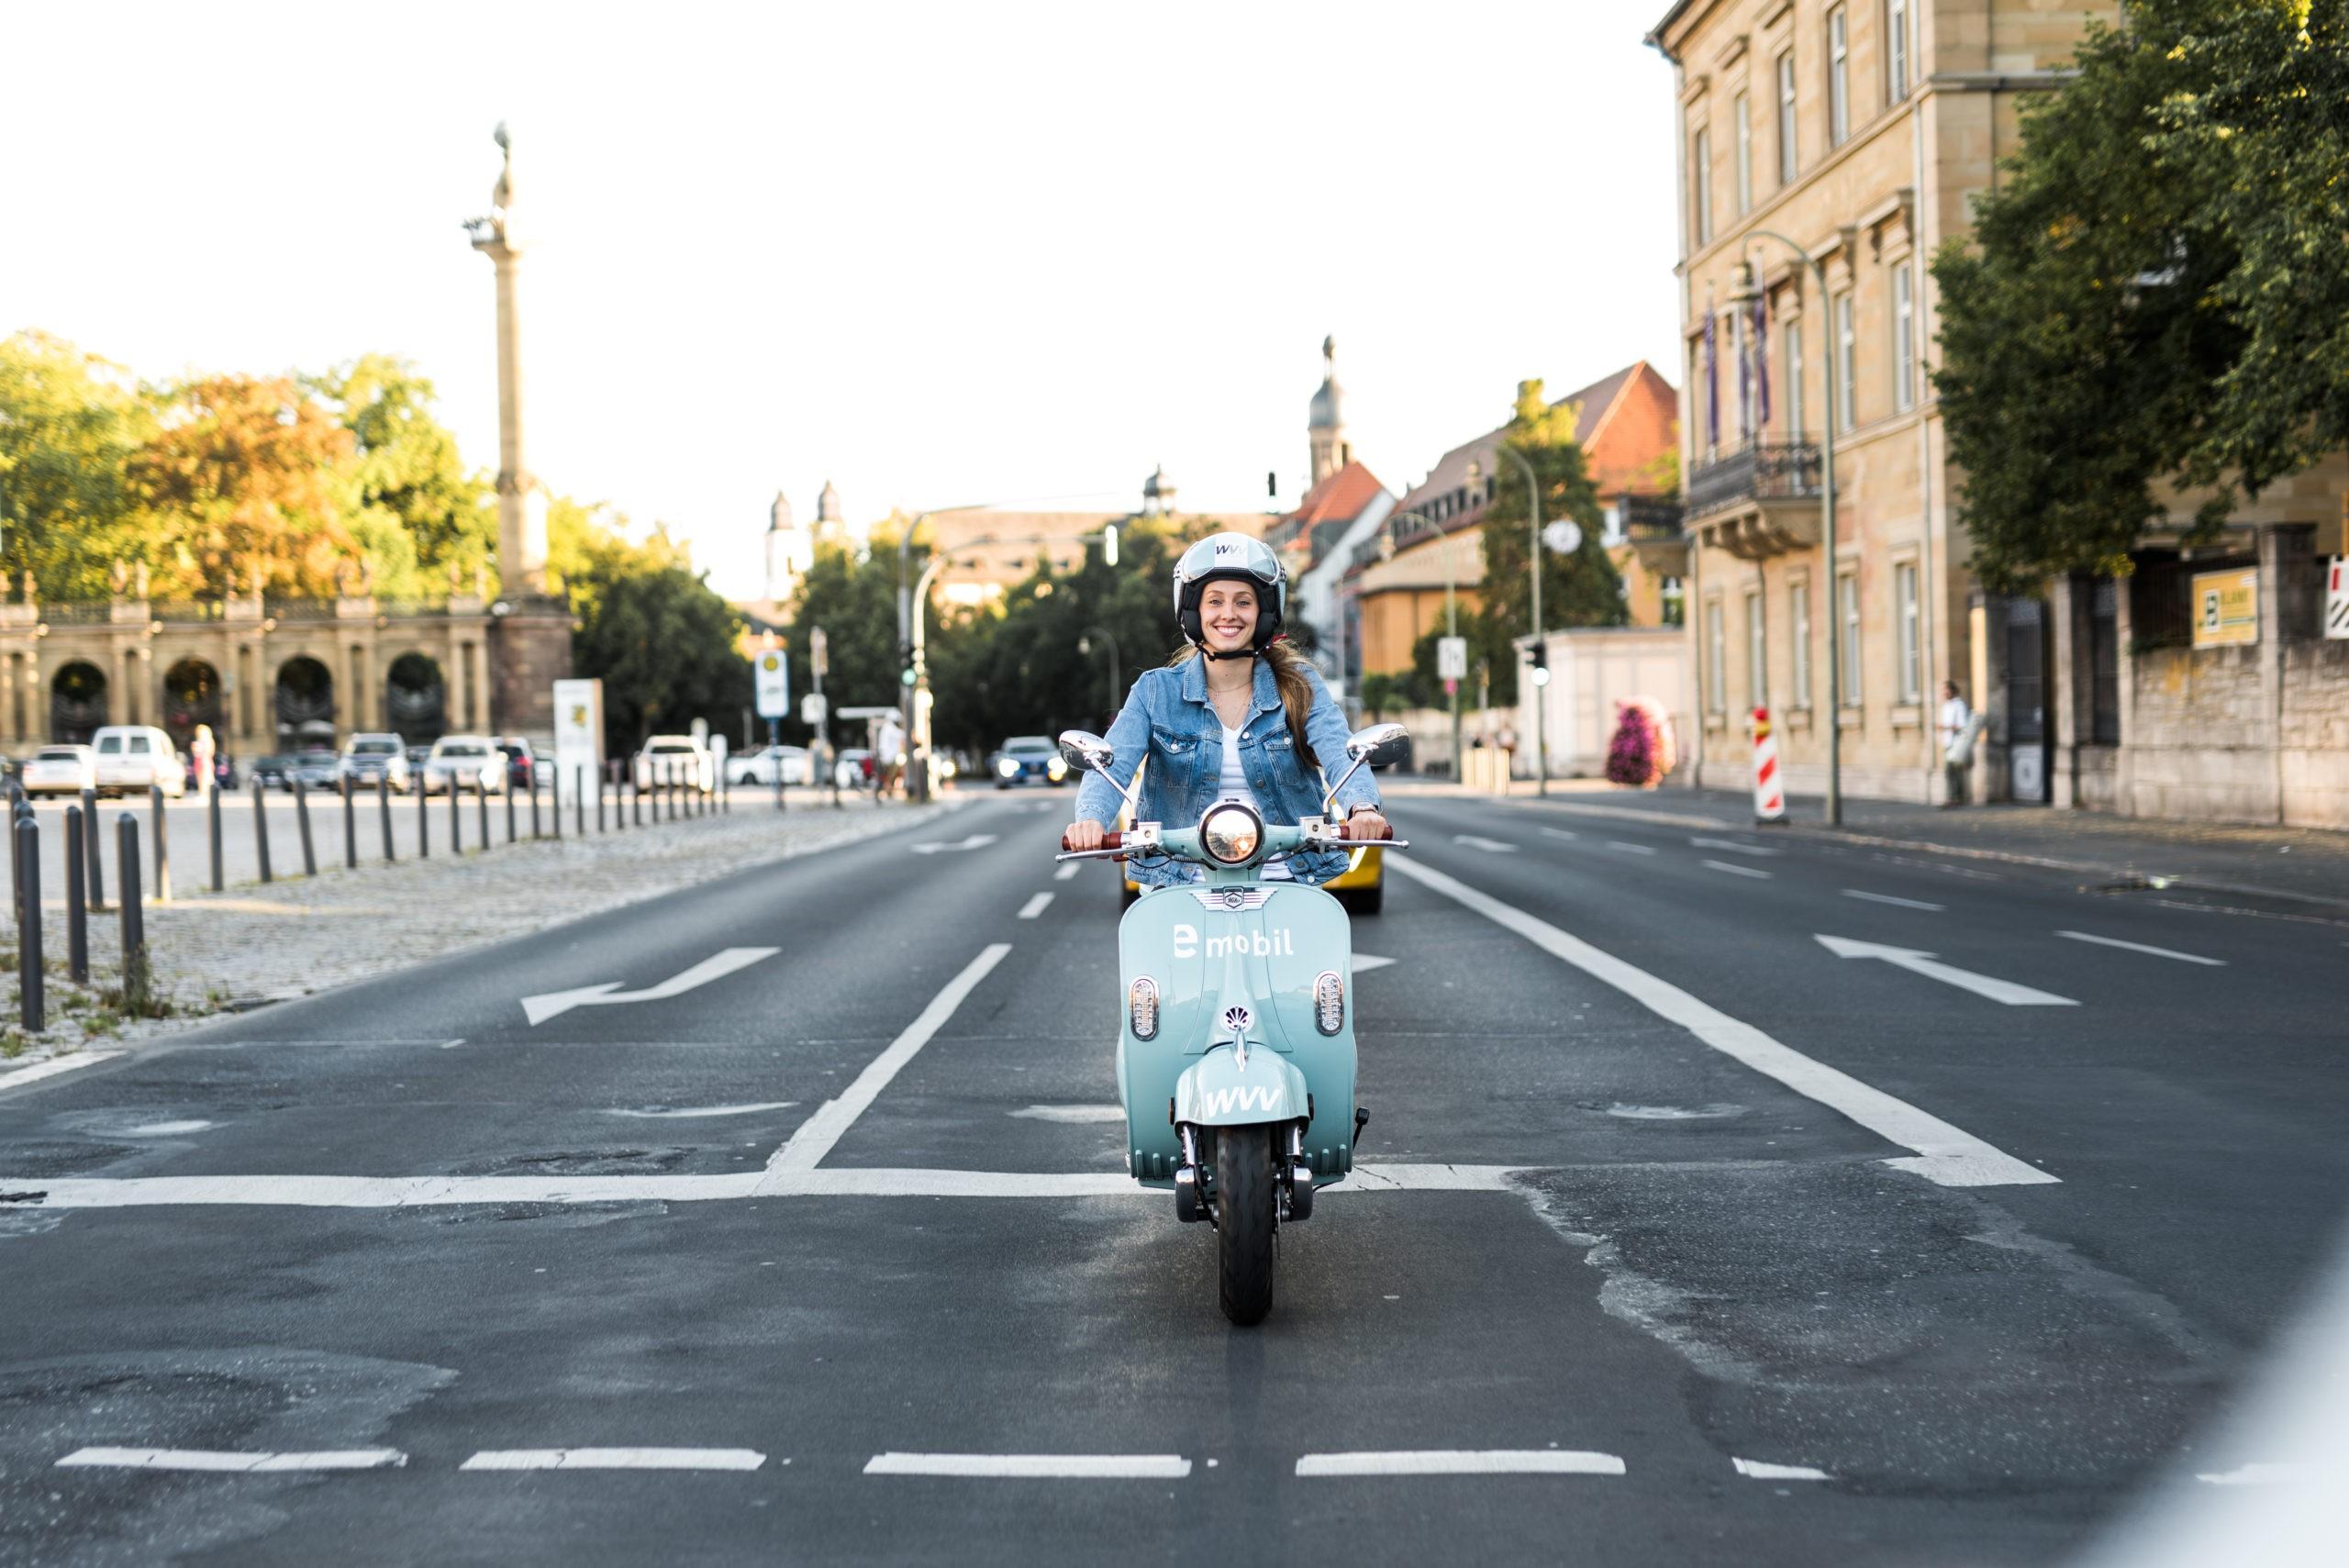 Mit dem E-Roller durch den Alltag düsen! Foto: Laura Schraudner Fotografie